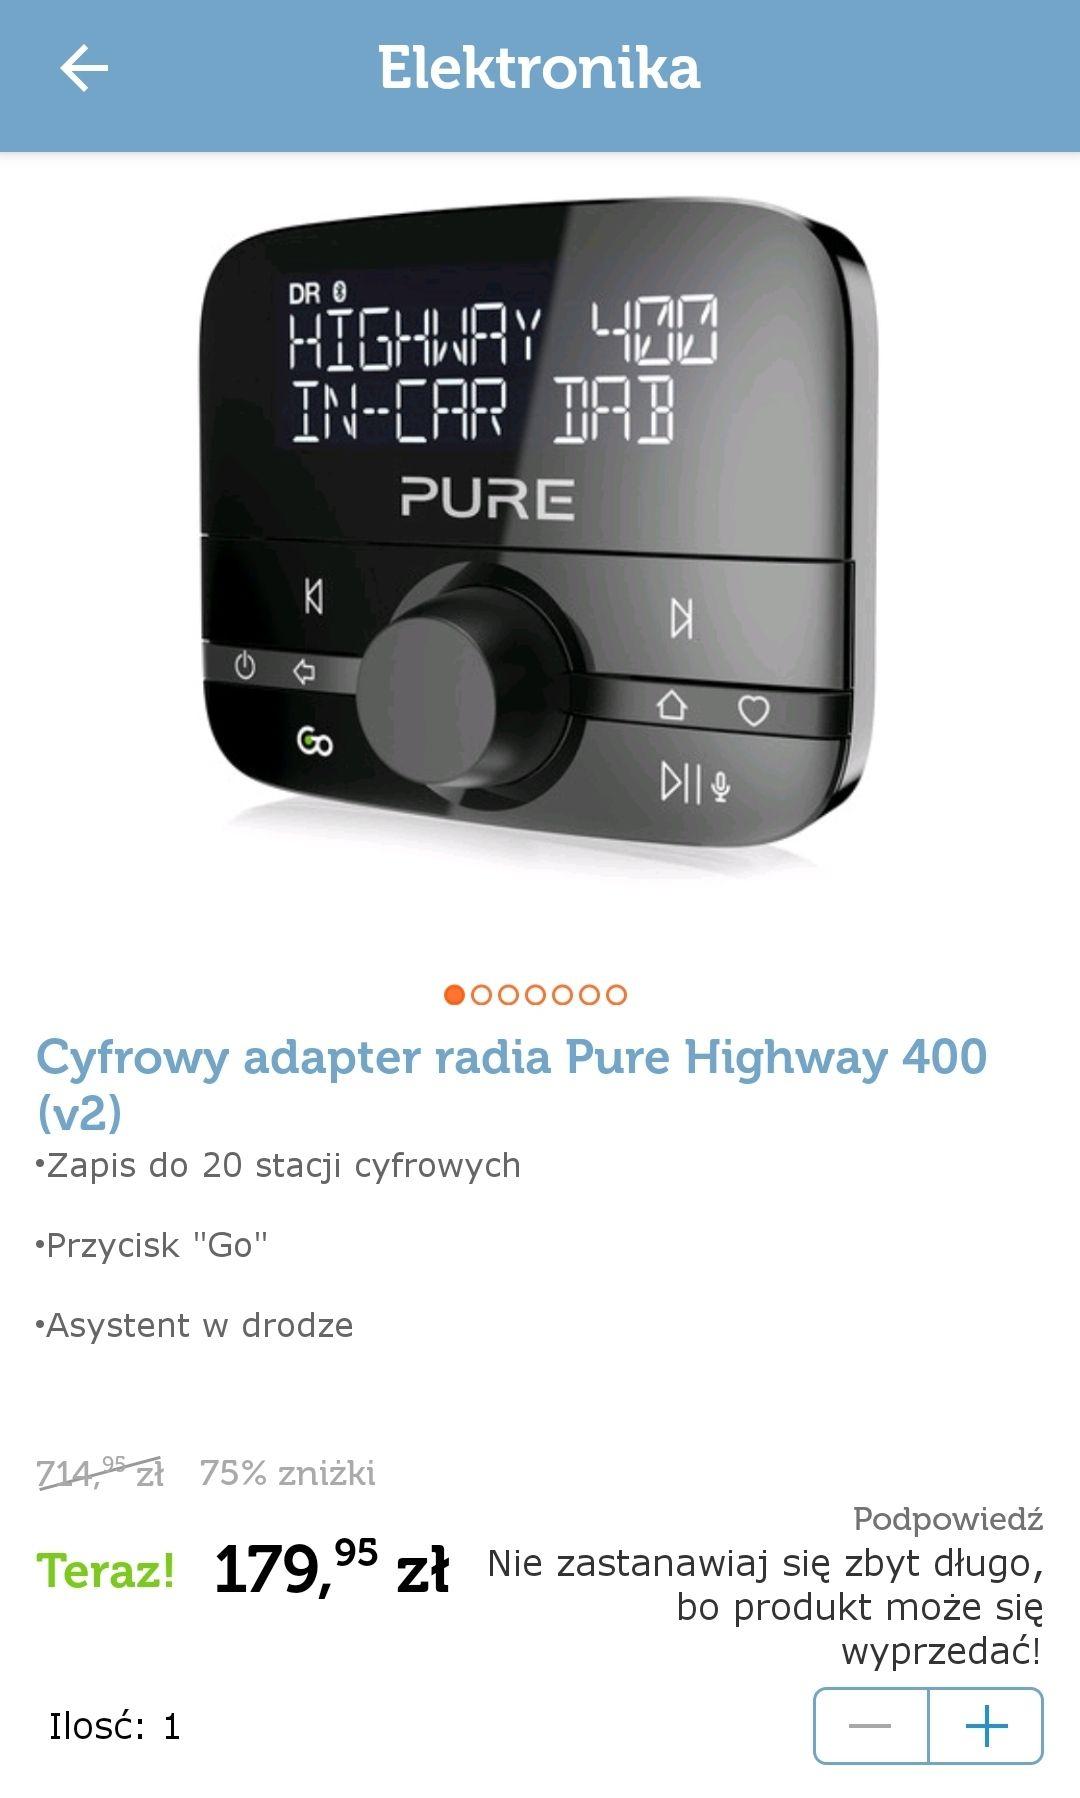 Cyfrowy adapter radia DAB+ i Bluetooth